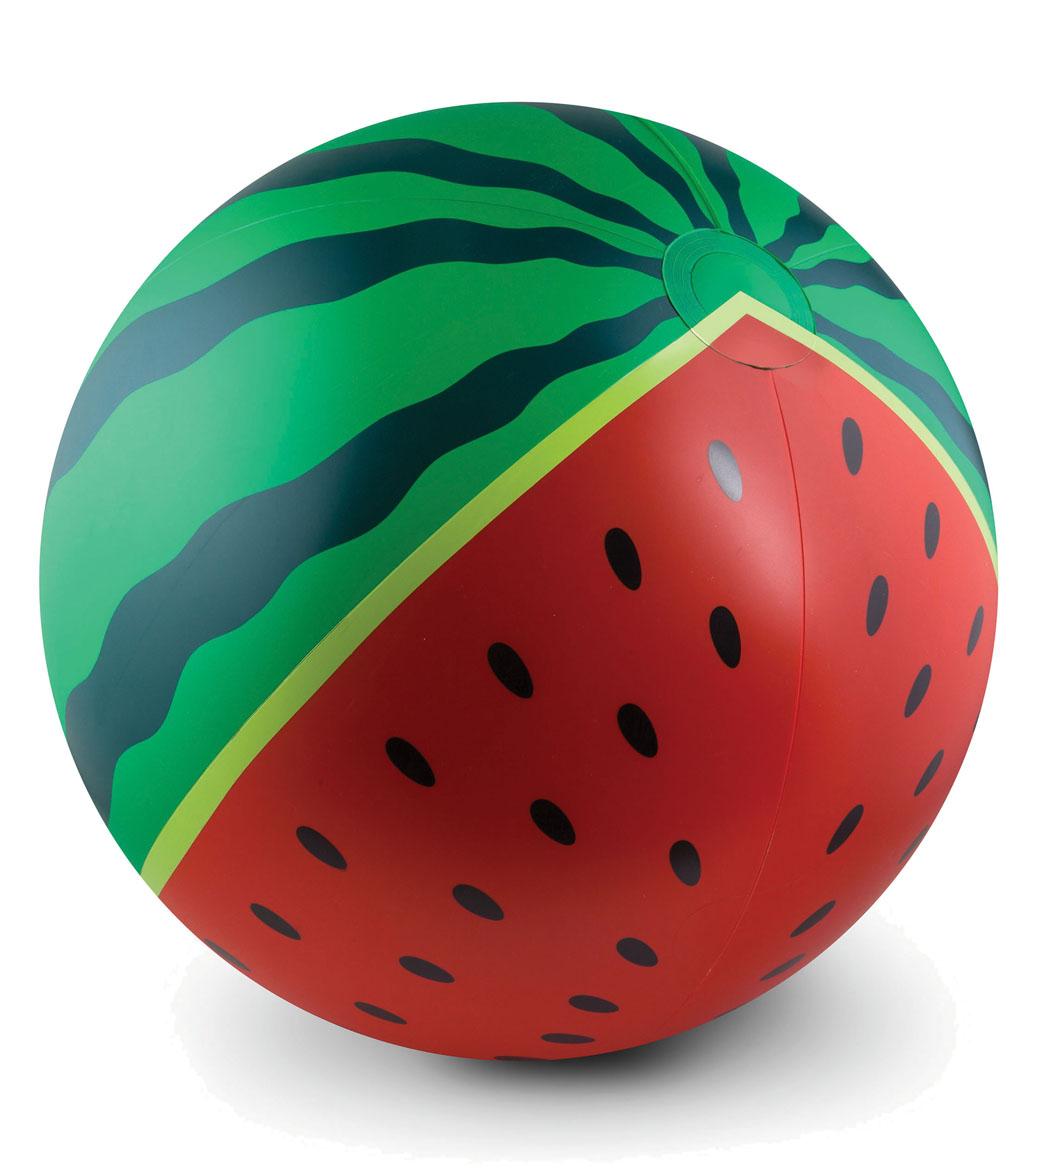 Beach ball on beach Air Big Mouth Toys Giant Watermelon Beach Ball Big Mouth Toys Giant Watermelon Beach Ball At Swimoutletcom